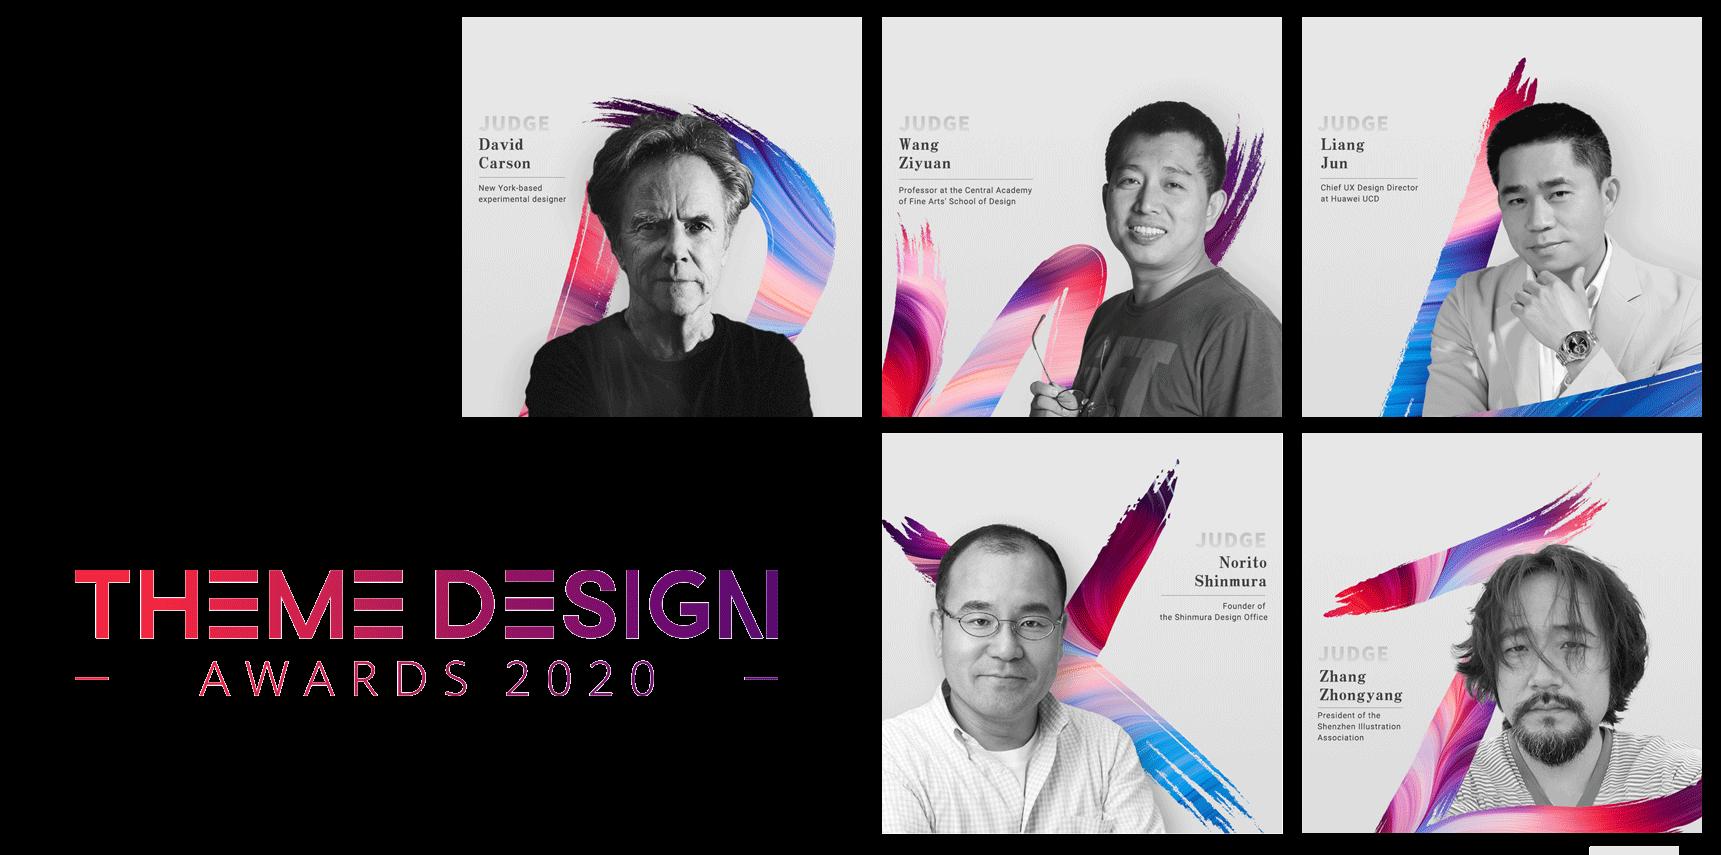 El concurso Huawei Global Theme Design 2020 abre oficialmente su convocatoria, una propuesta con importantes premios